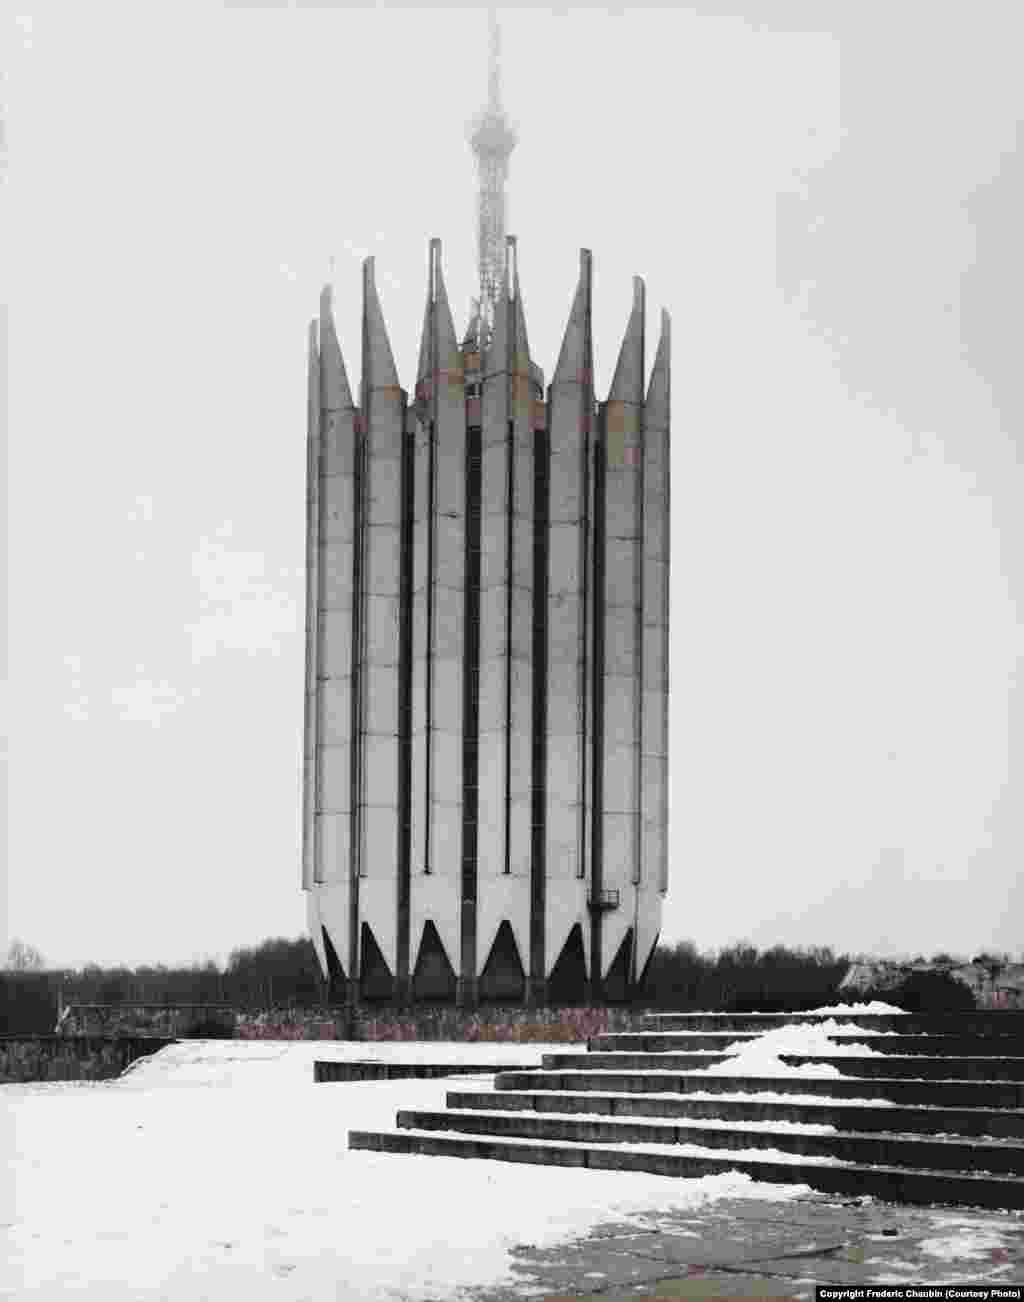 Інститут робототехніки й технічної кібернетики в Петербурзі. Архітектори: С. Савін та Б. Артюшин. 1987 рік